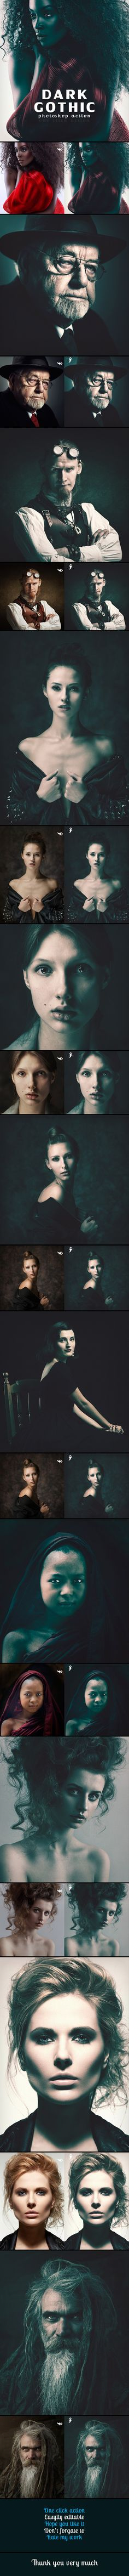 Dark Gothic Photoshop Action #photoeffect Download: http://graphicriver.net/item/dark-gothic-photoshop-action/11730402?ref=ksioks